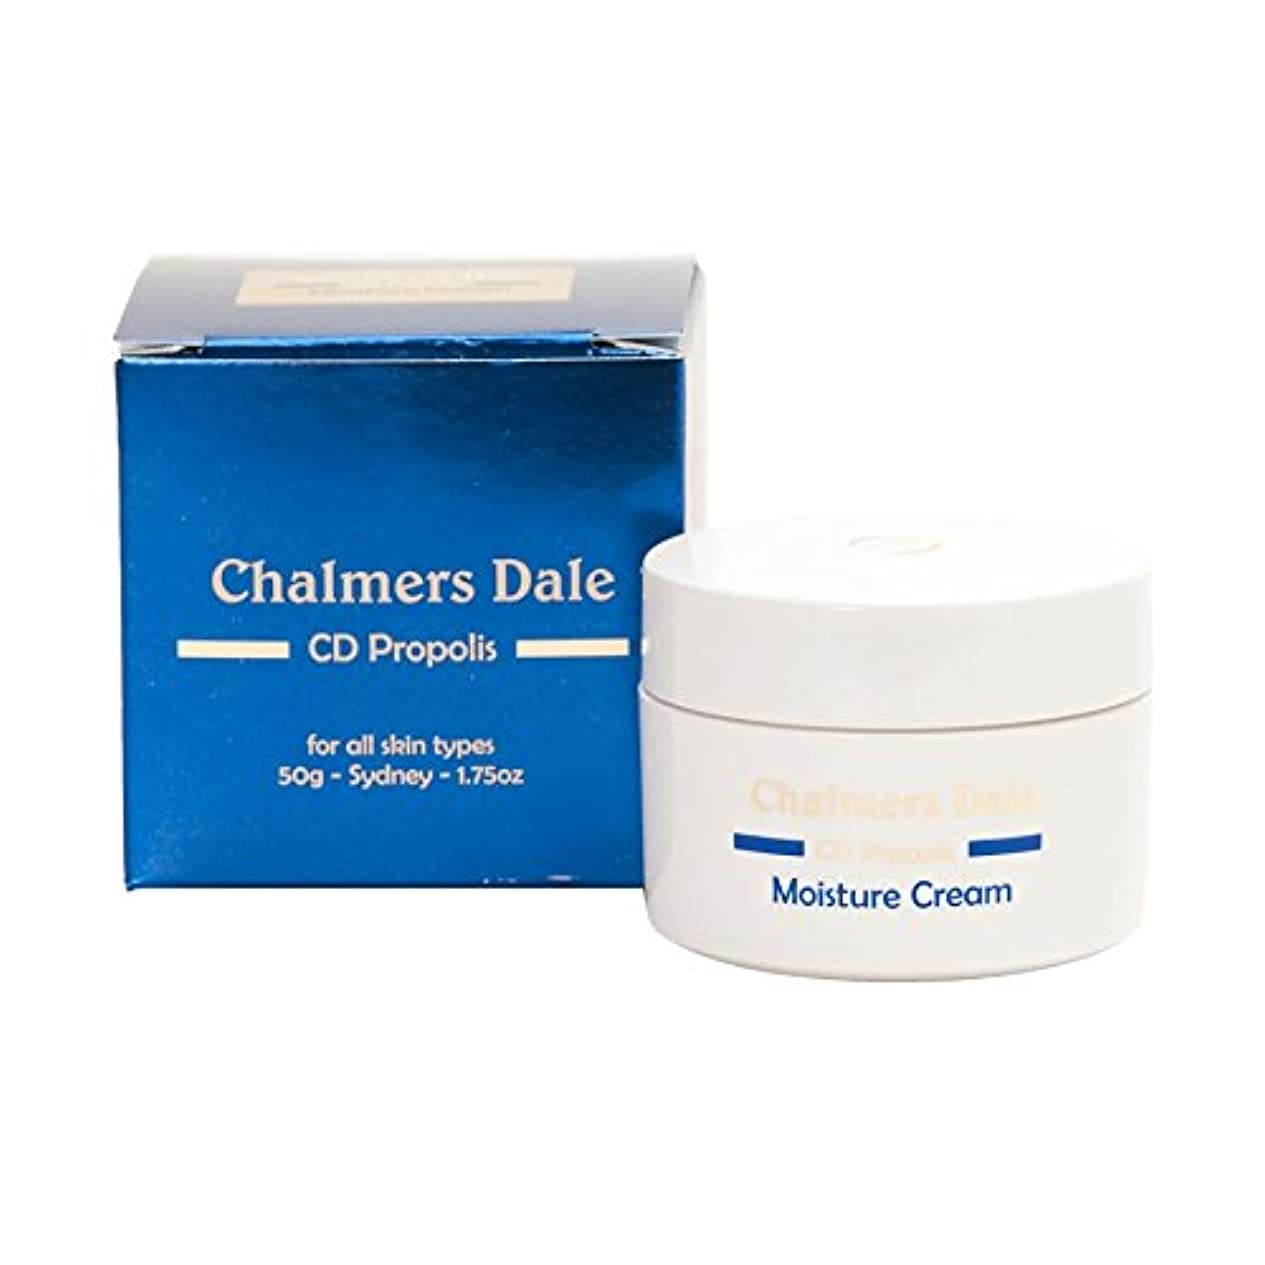 漏れ禁じるトランザクションプロポリスクリーム 50g 清潔な肌 敏感肌 保湿作用 しっとり肌 【海外直送品】